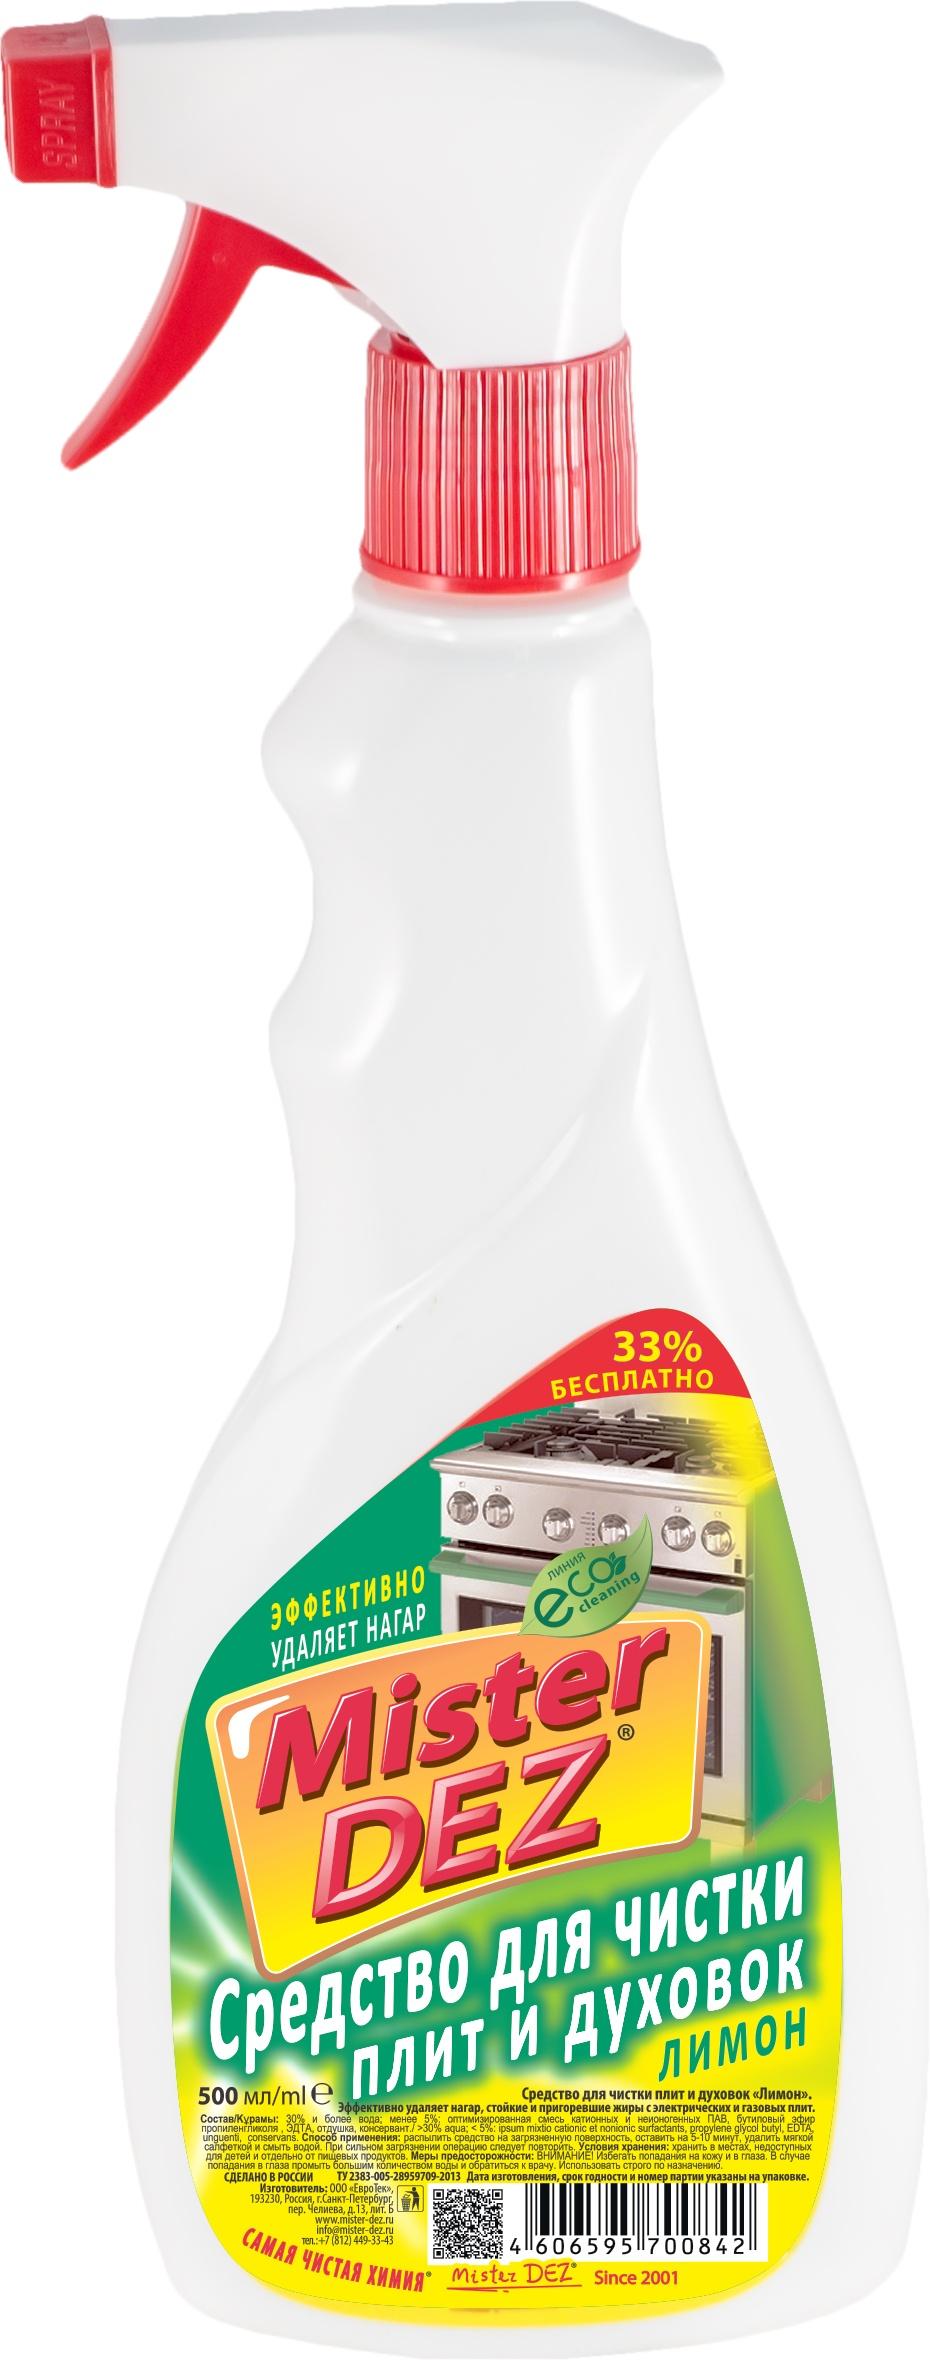 Средство для чистки плит и духовок Mister Dez Eco-Cleaning